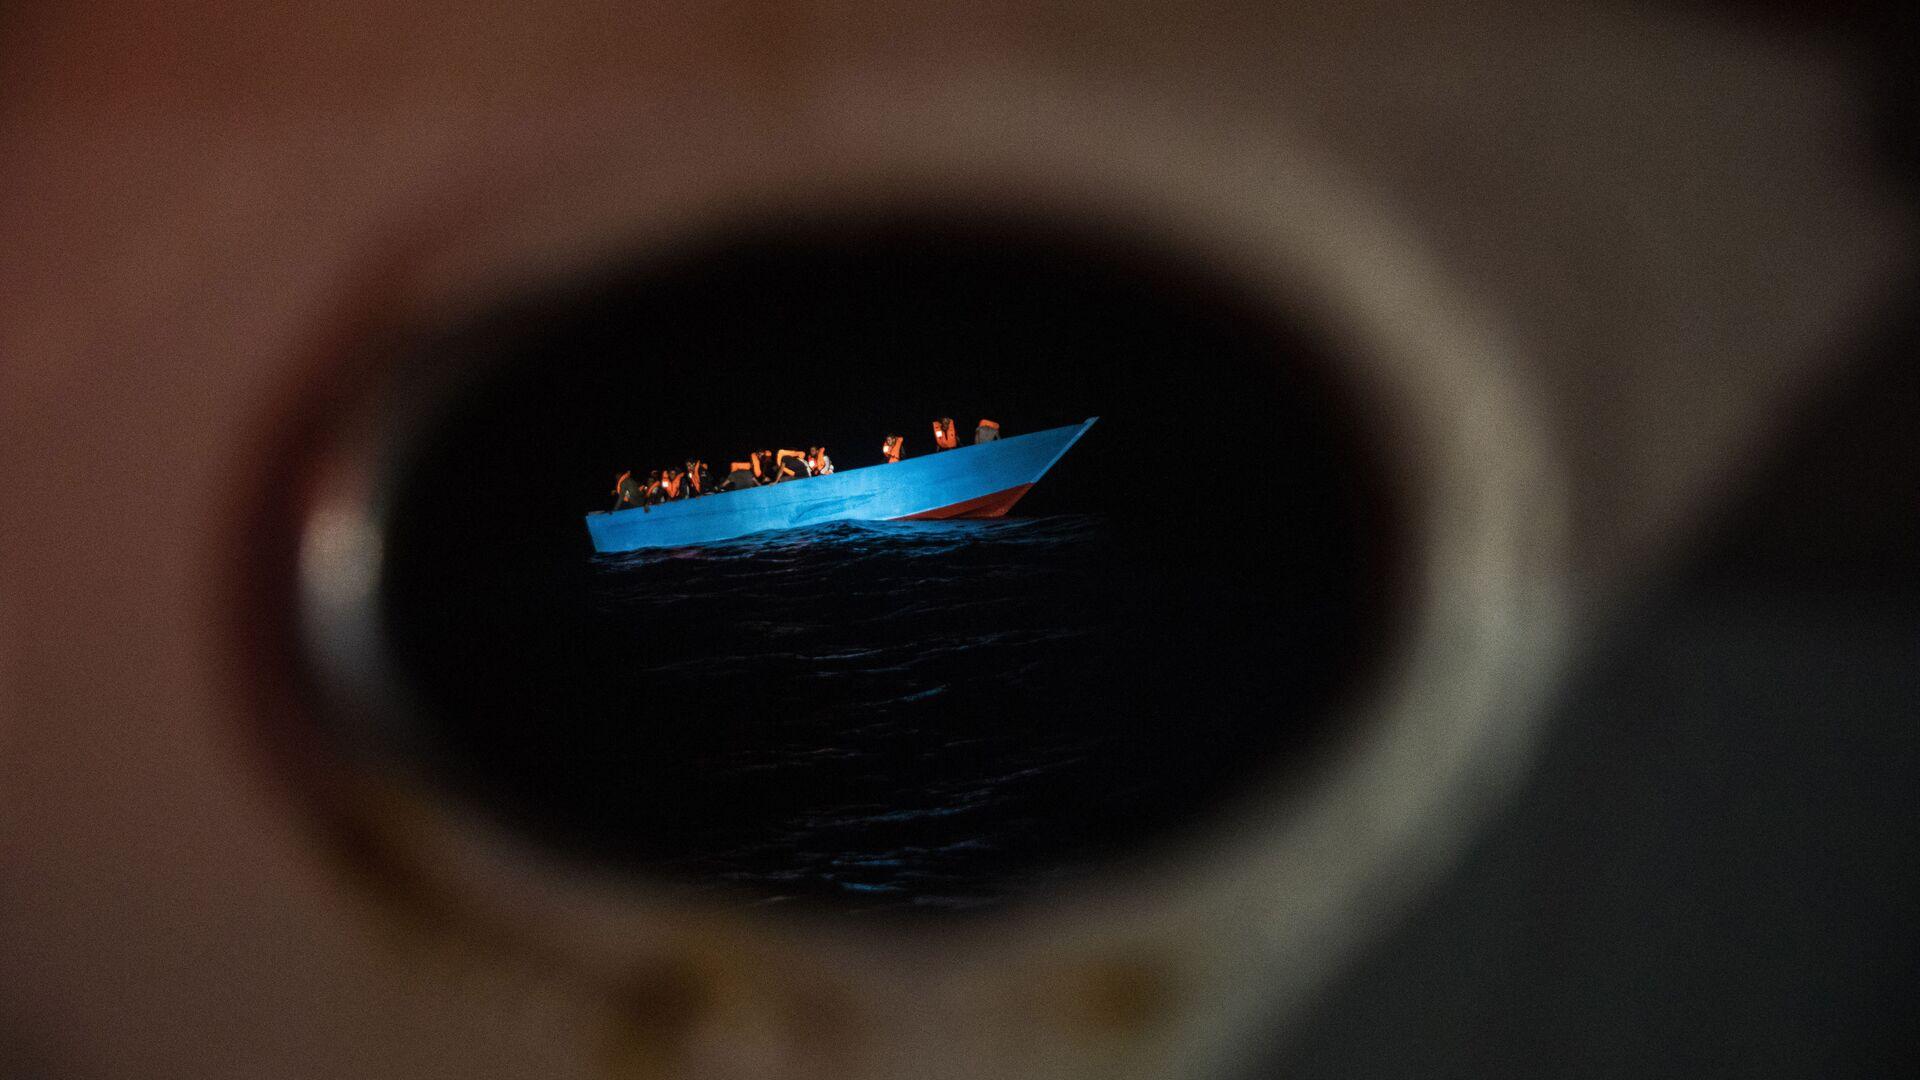 Decenas de migrantes esperan ser asistidos por un equipo de rescate en el Mediterráneo - Sputnik Mundo, 1920, 04.03.2021